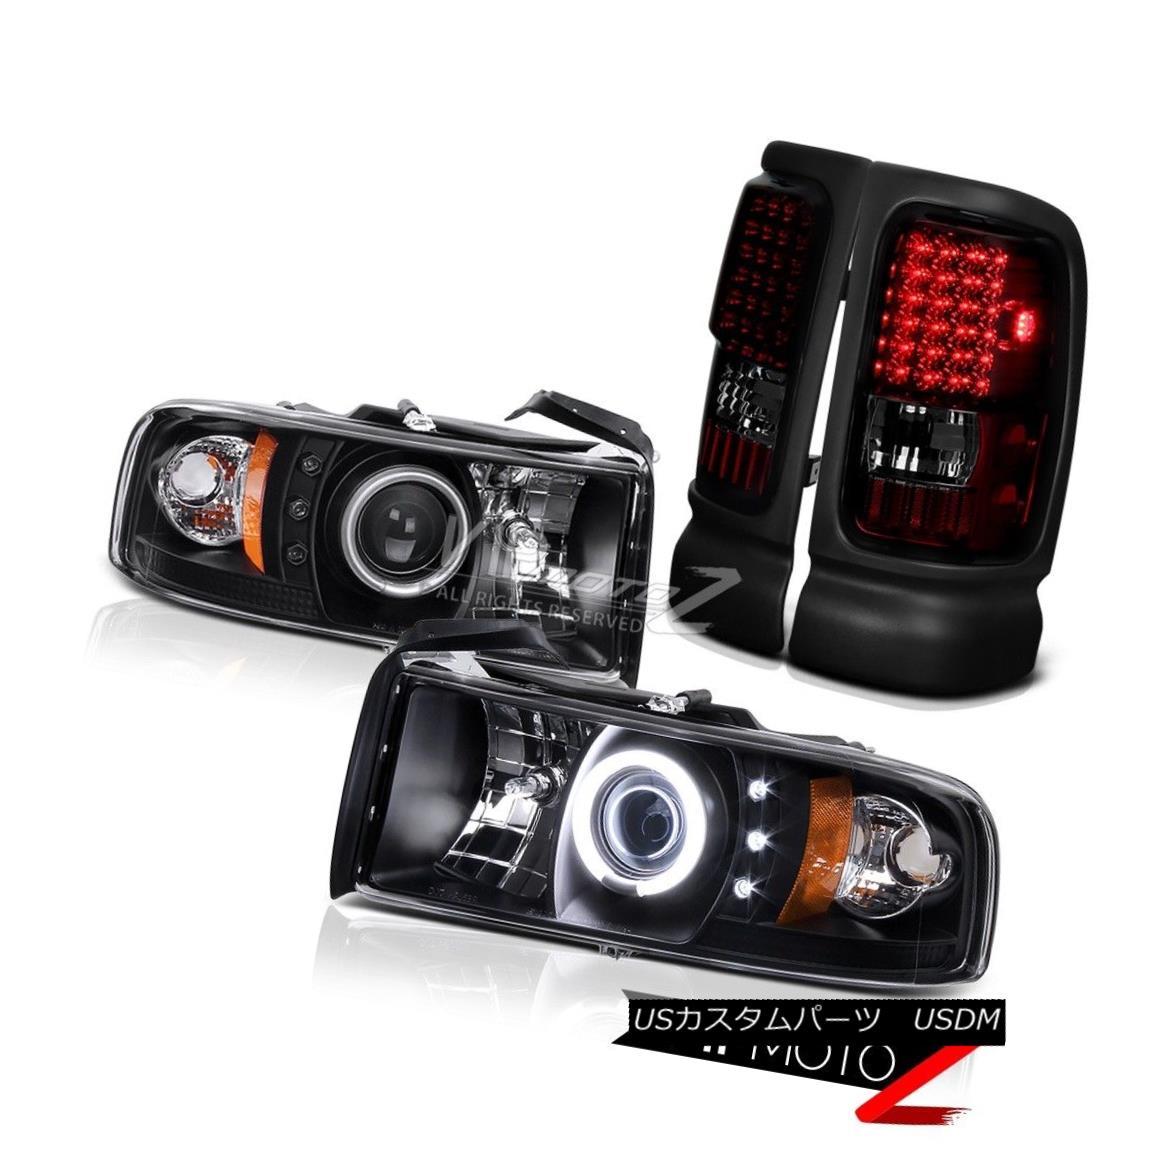 テールライト Dodge Ram 94-01 Black CCFL Halo Projector Headlight RED/SMOKE LED Tail Light Dodge Ram 94-01黒CCFL HaloプロジェクターヘッドライトRED / SMOKE LEDテールライト